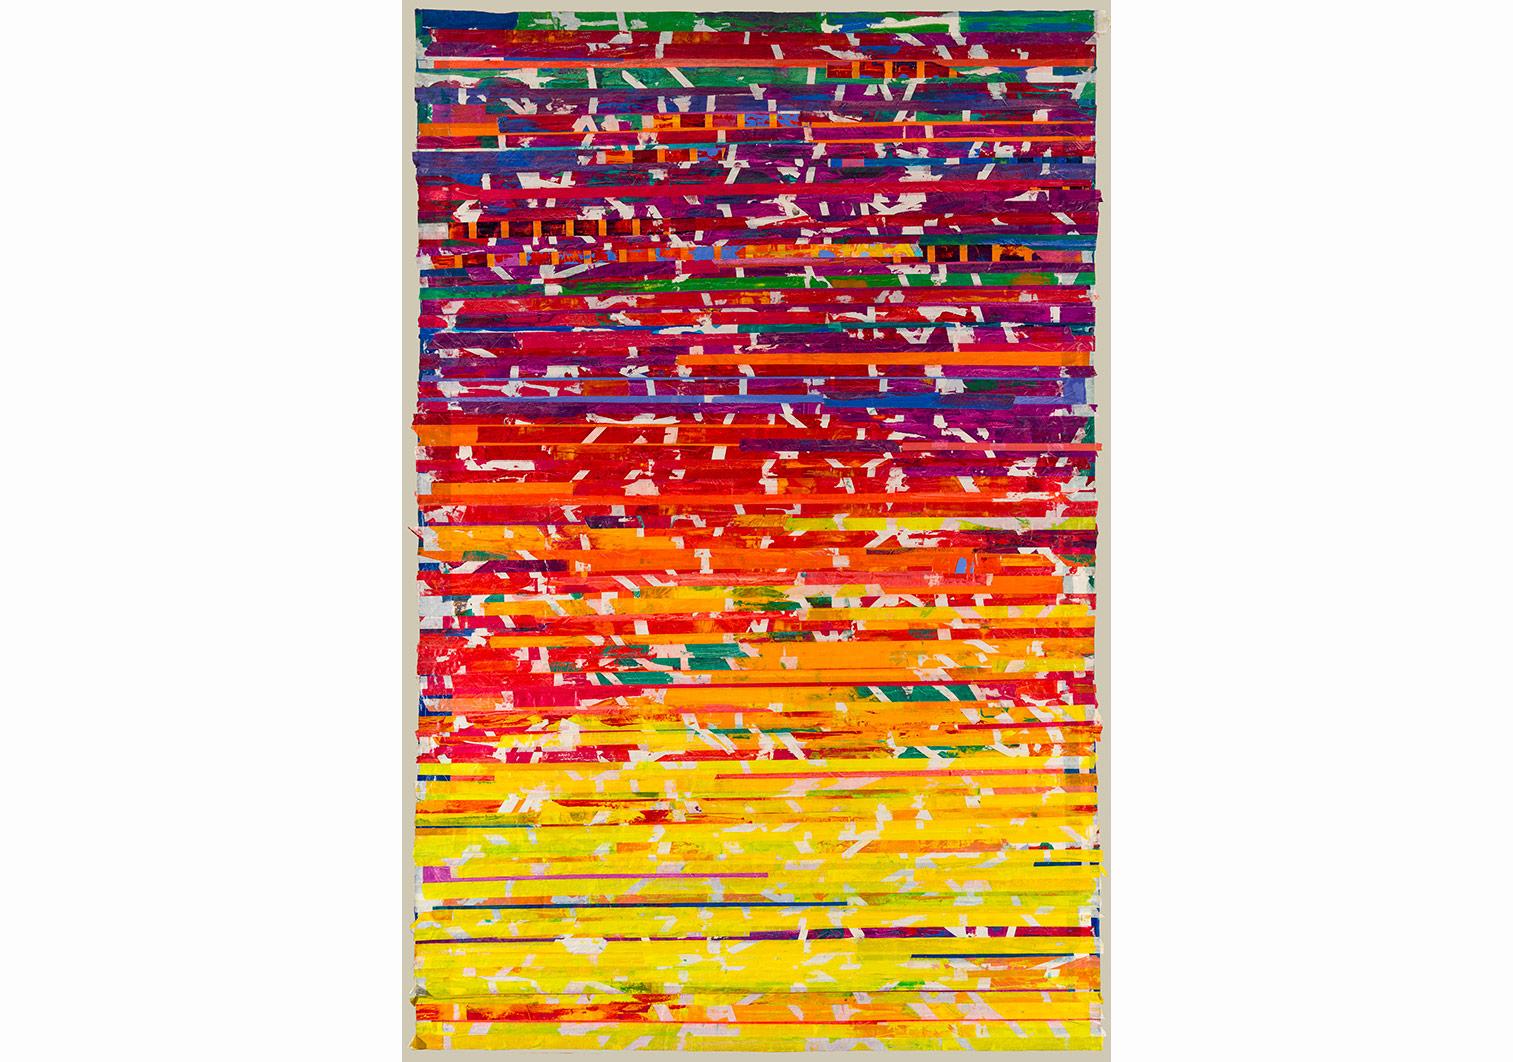 Seçil Erel, Olduğu gibi 1, 2016, kağıt üzerine maskeleme bandı ve yağlı boya, 160x105cm